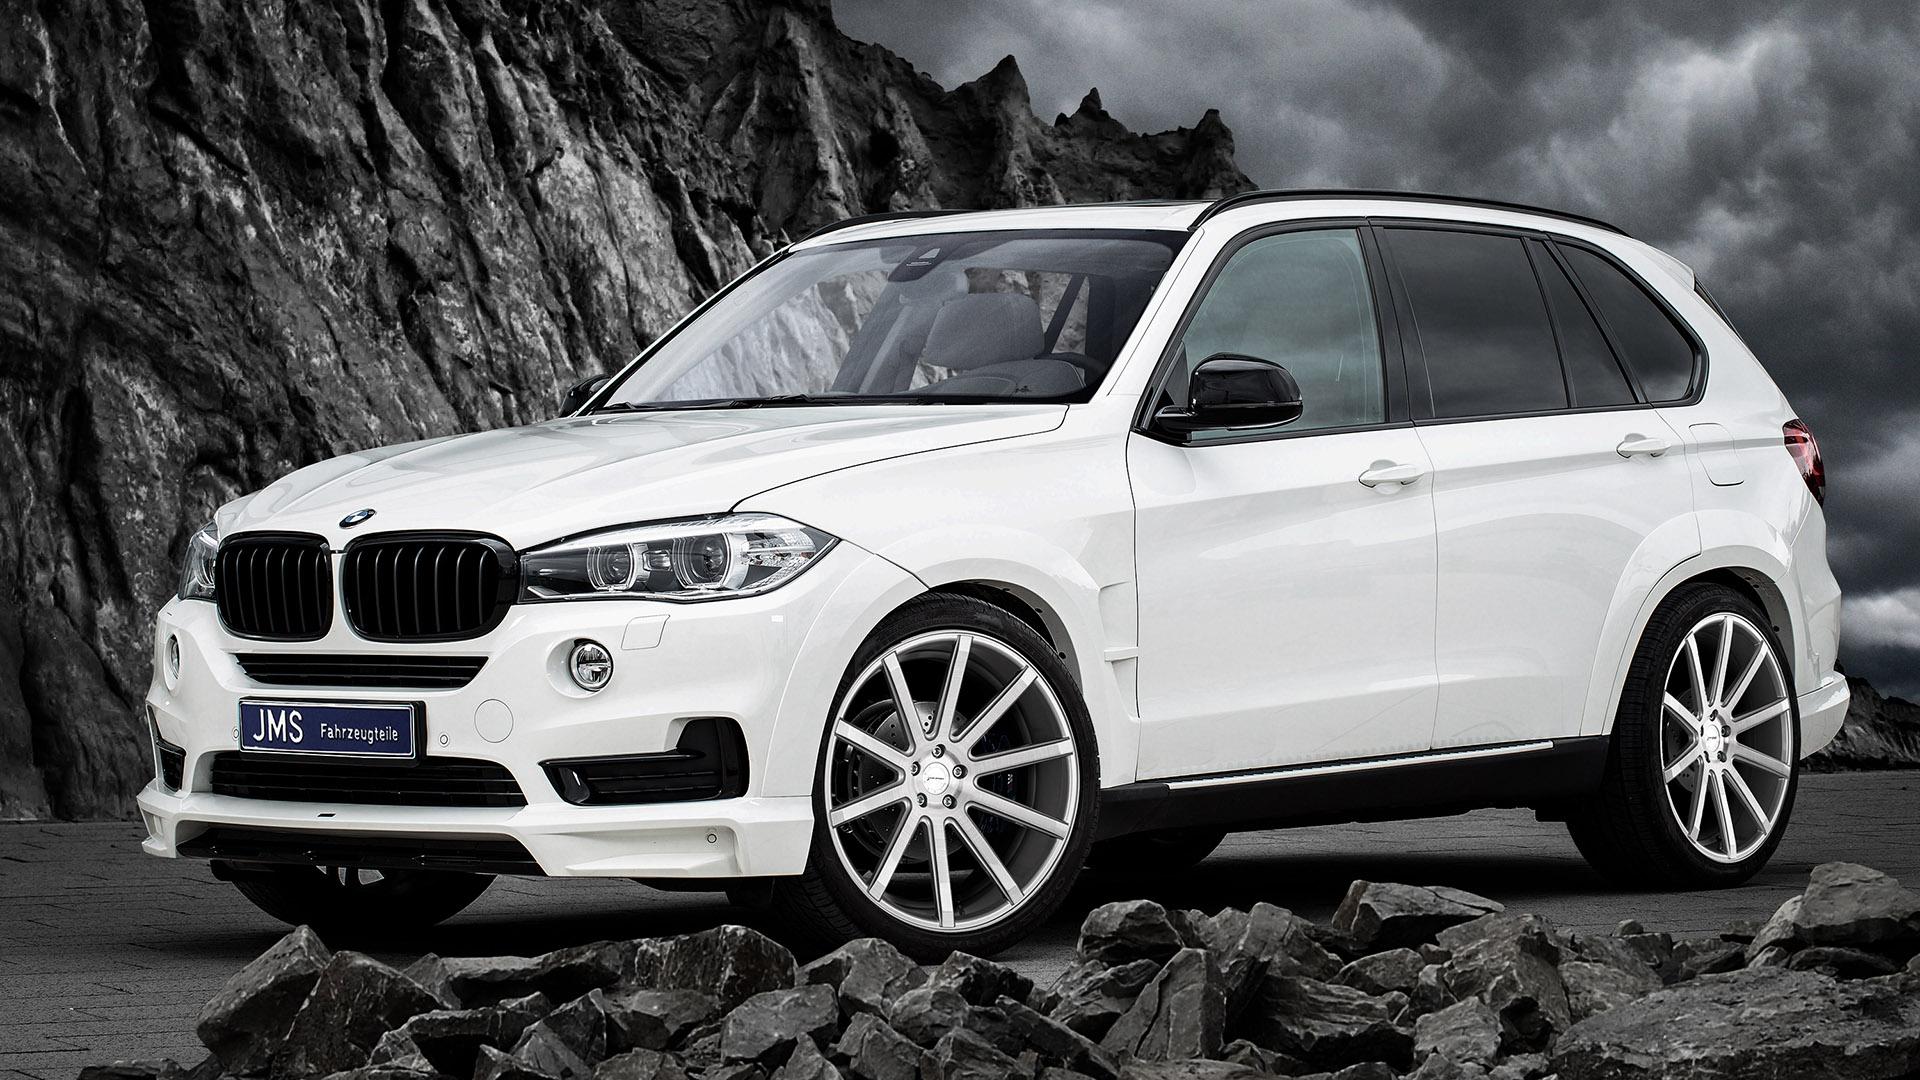 Bmw X5 Exclusive – Idée d image de voiture